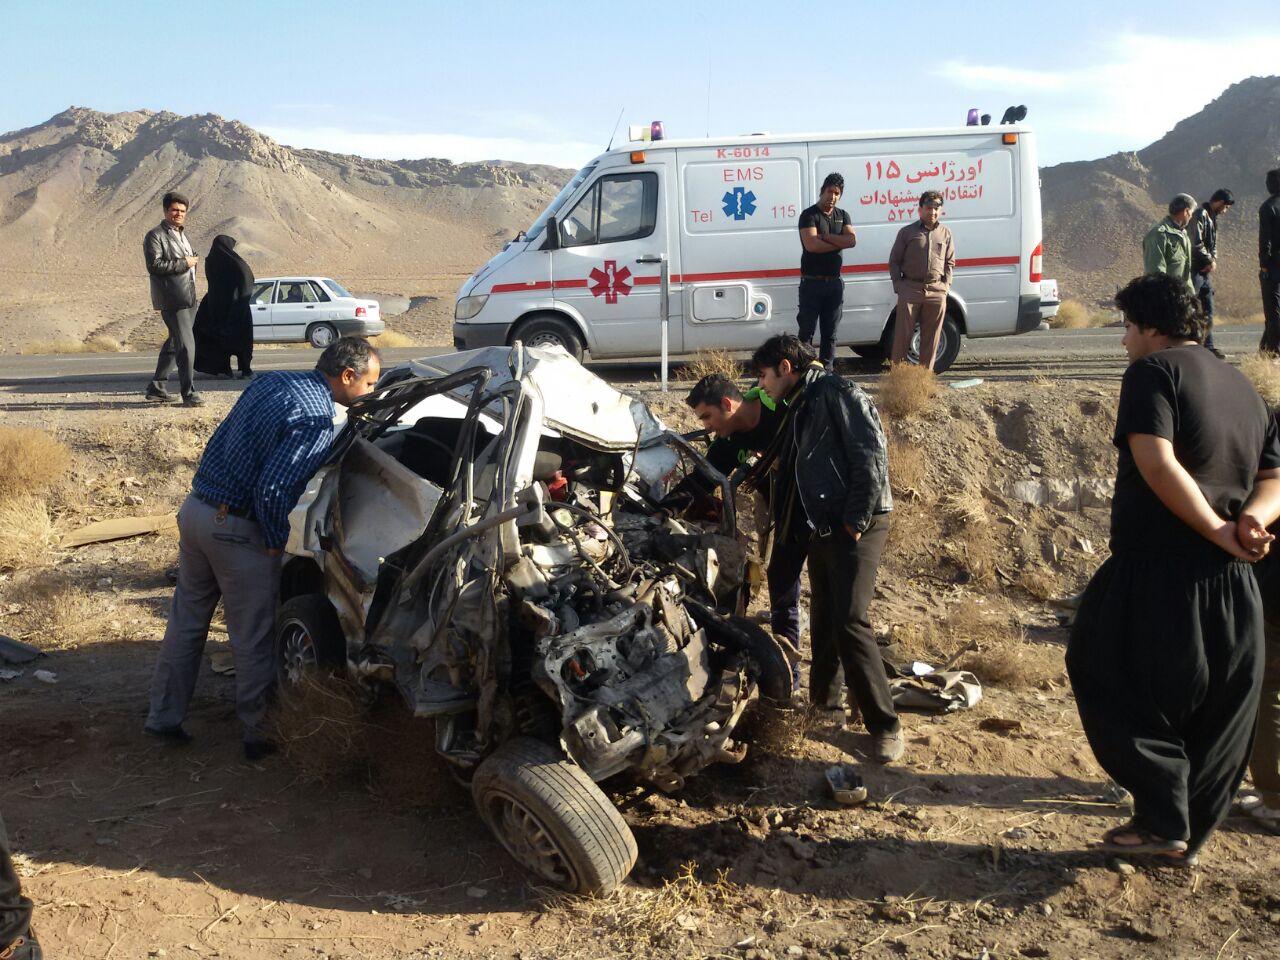 حادثه در محور سرچشمه مرگ پراید سوار را رقم زد